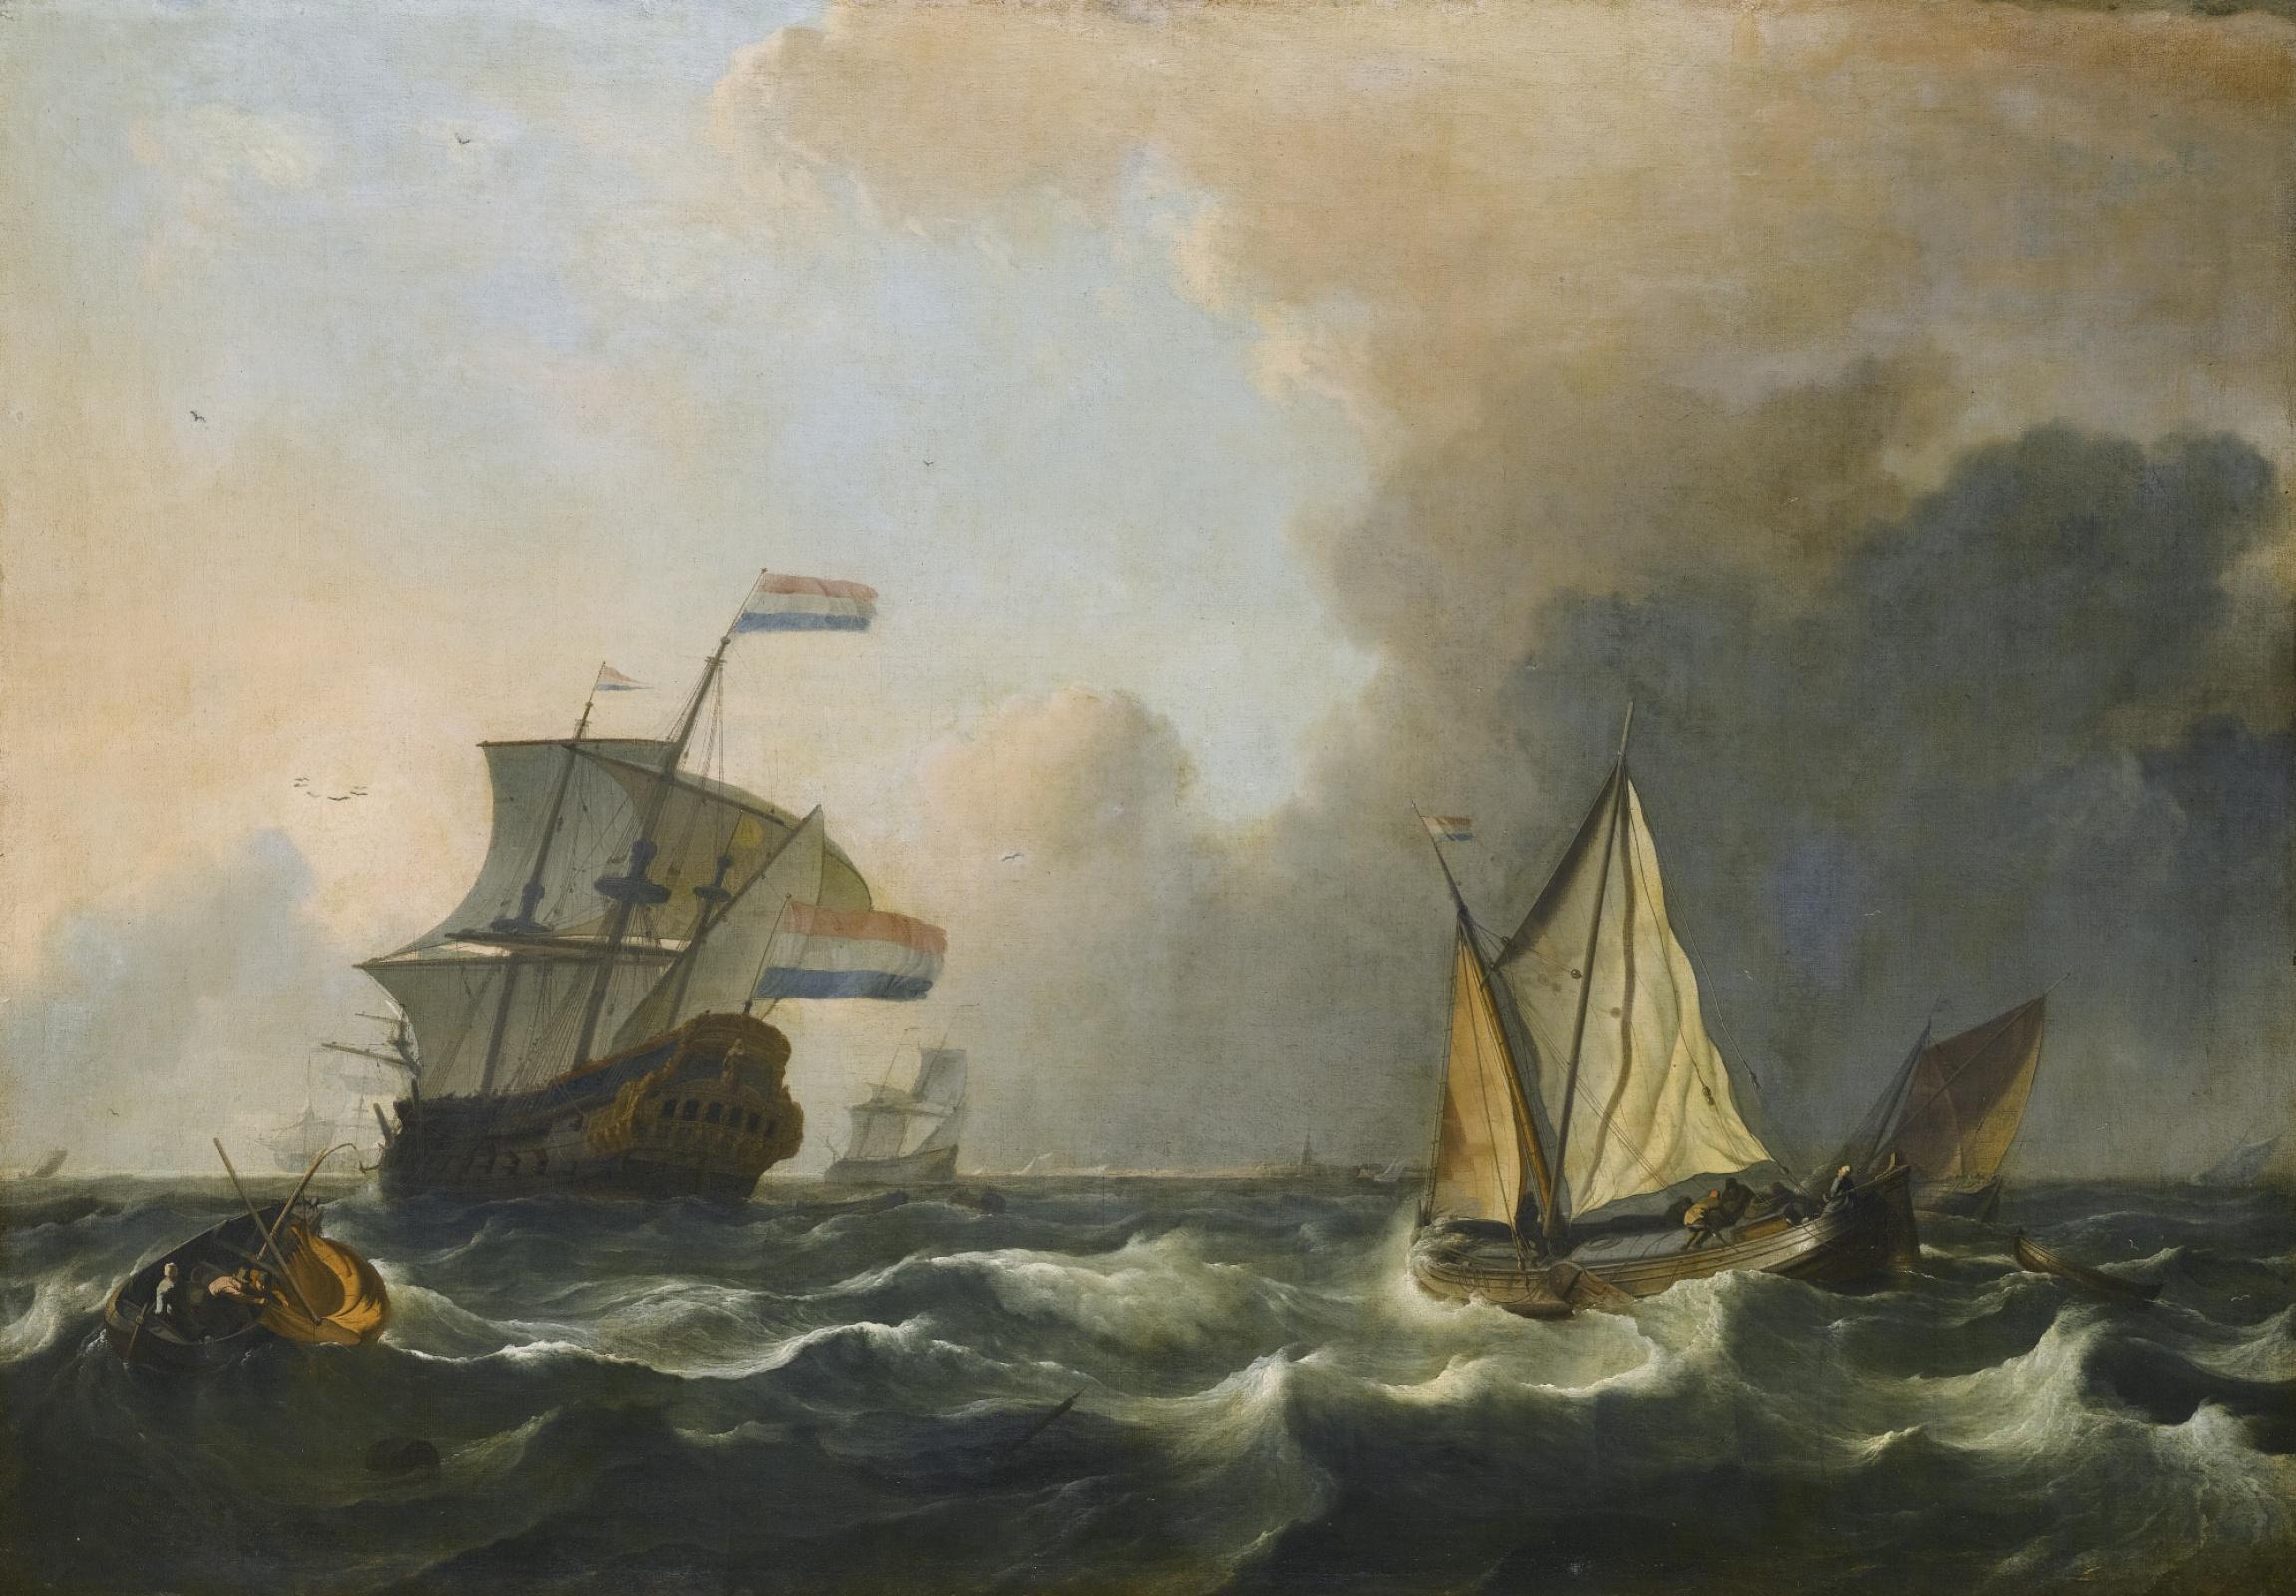 Людольф Бакхёйзен. Судоходство в бурных водах у голландского побережья